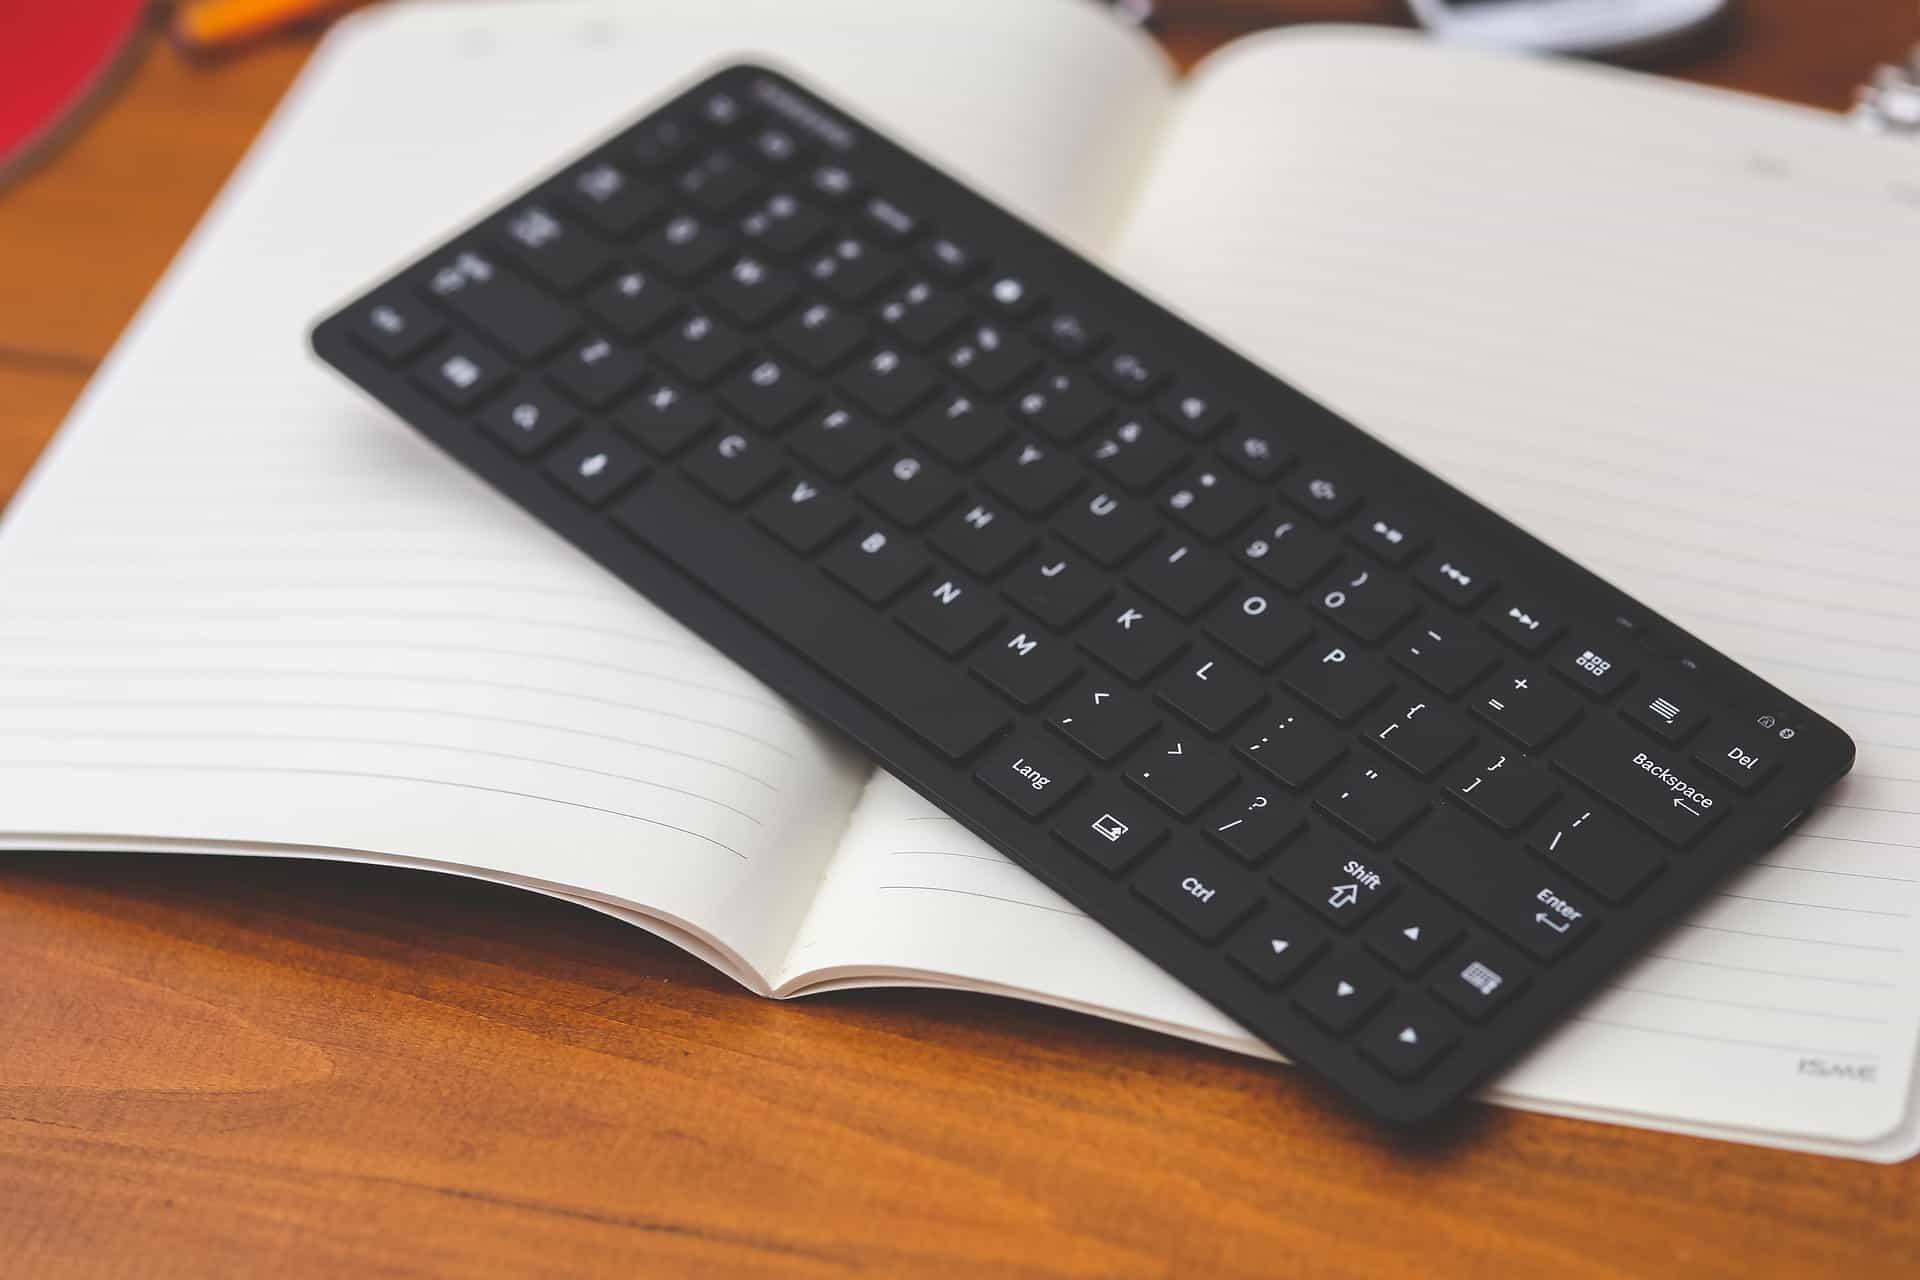 Tastiera senza fili: i migliori prodotti (10/21)